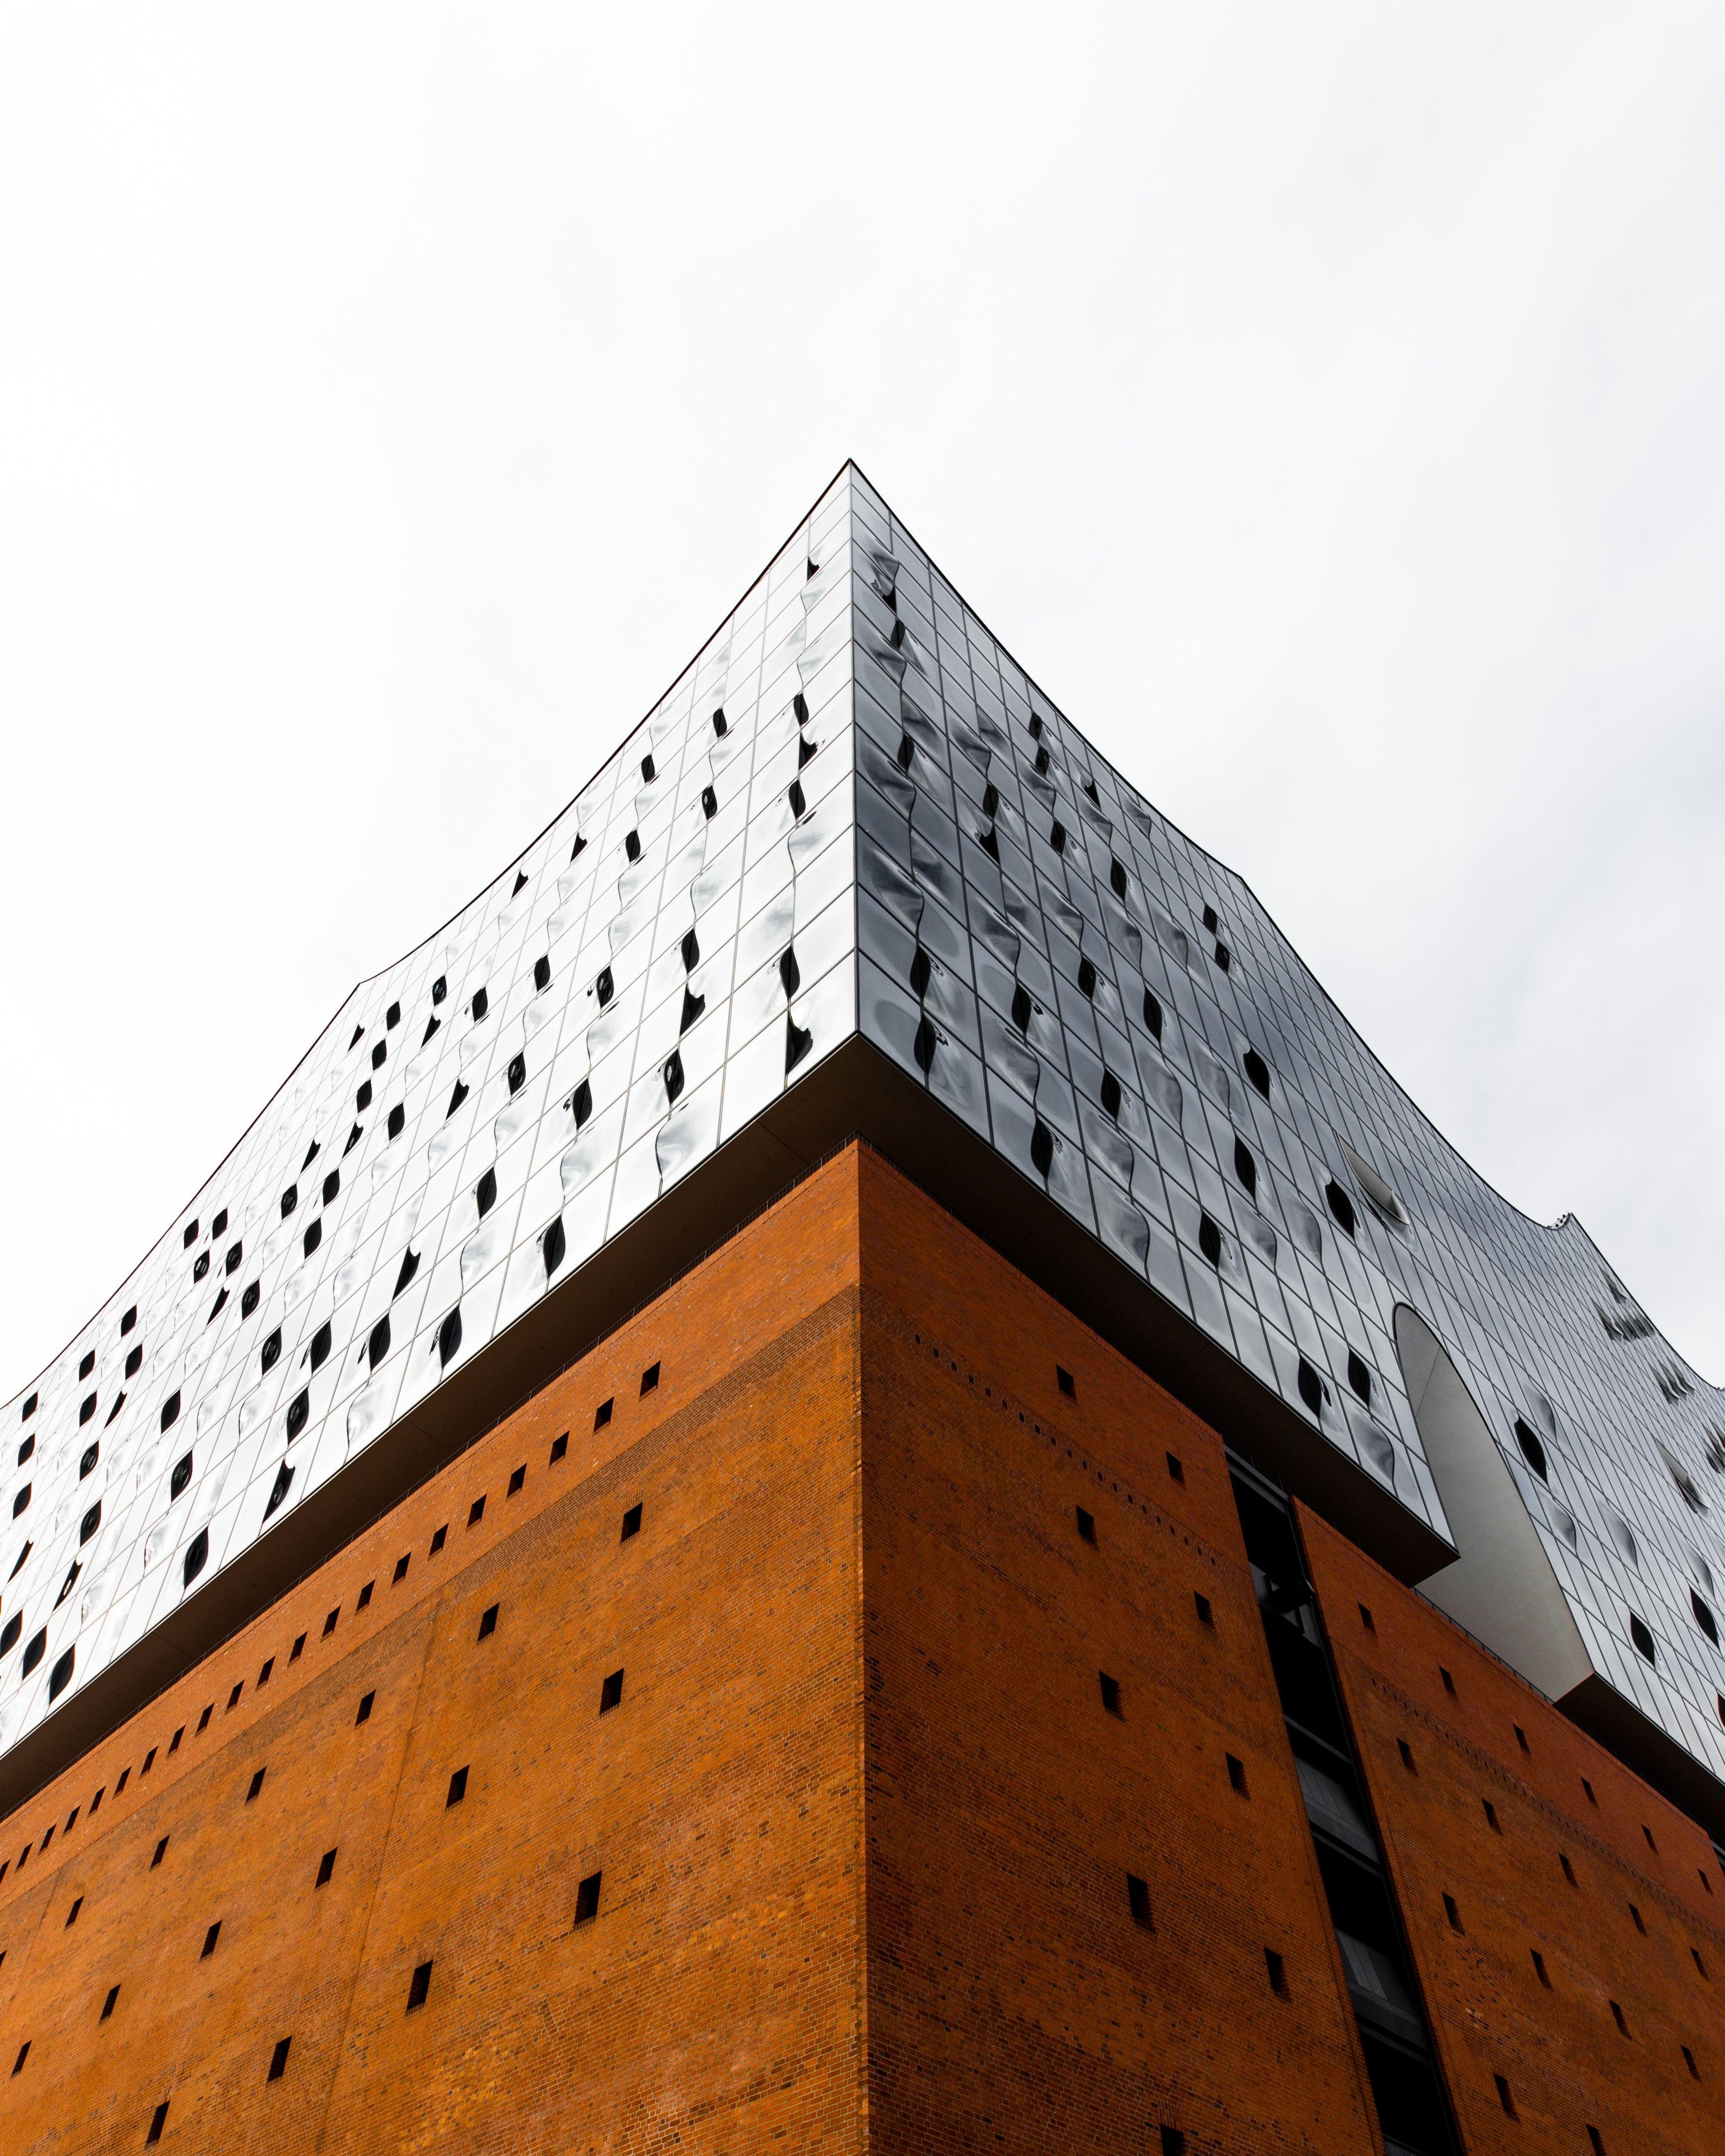 Hamburg Elbphilharmonie Germany By Herzog De Meuron 3462 X 4327 Building Architecture Design Photography Architecture Images Architecture Beach Images